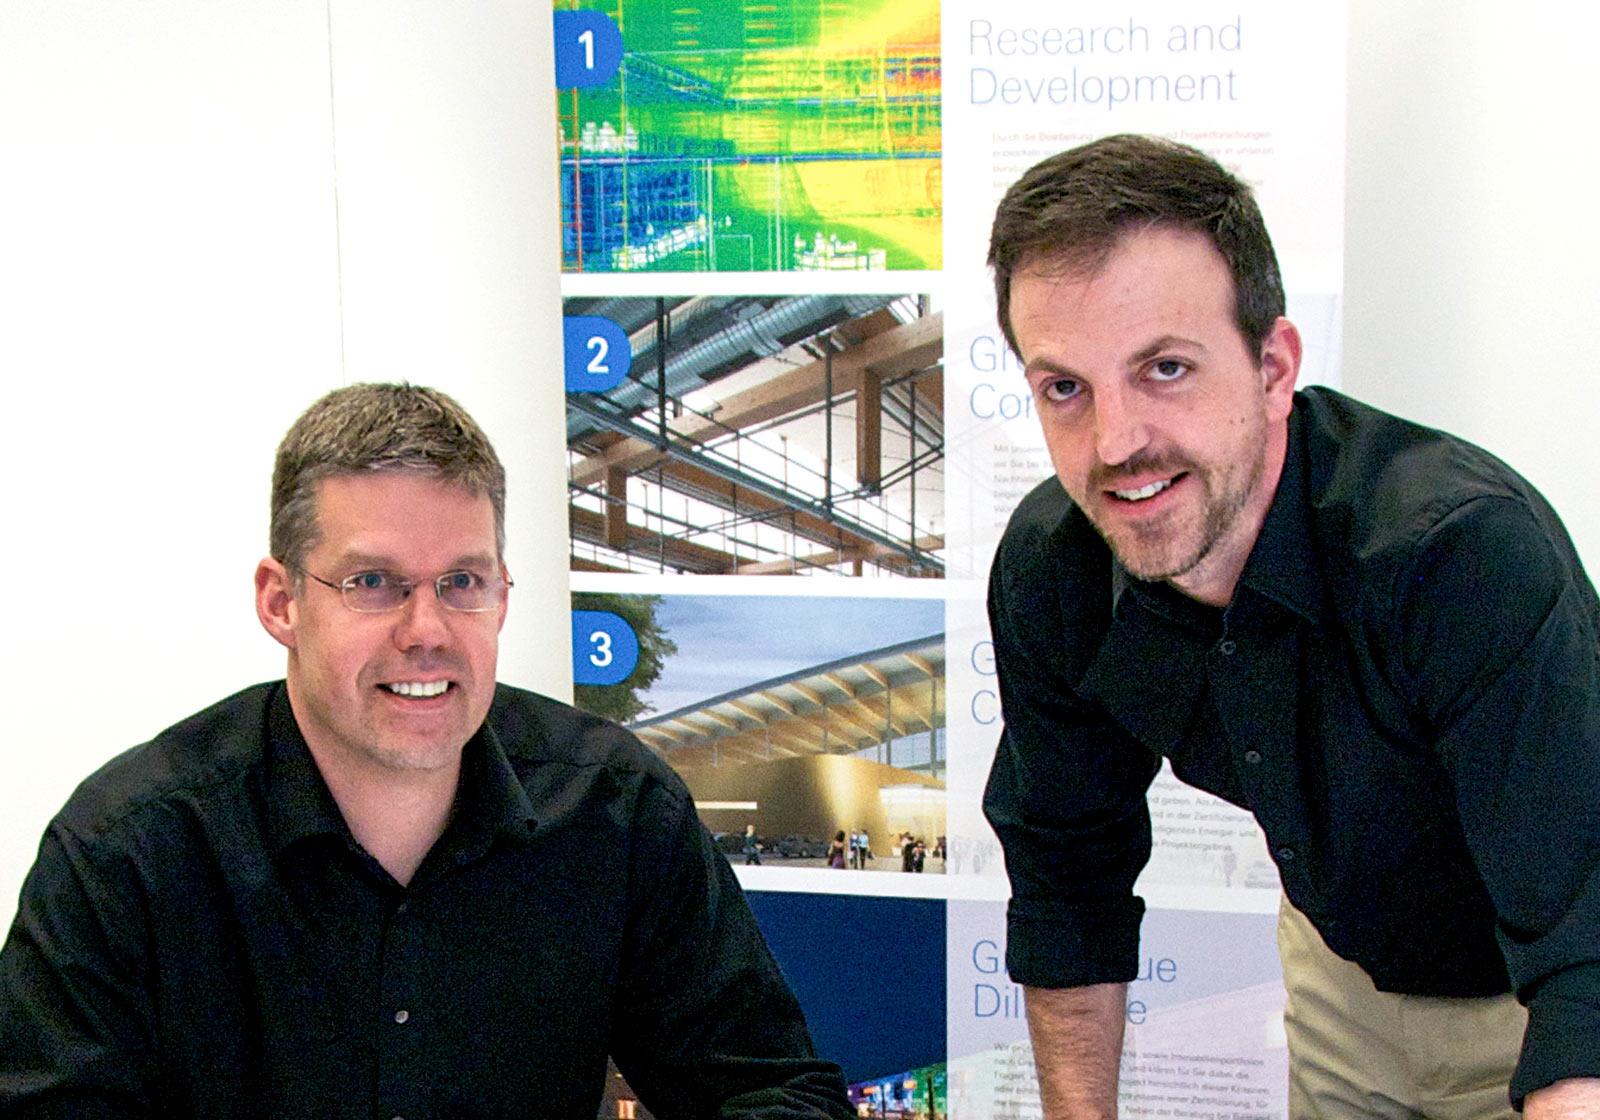 Йенс Глёгглер, управляющий директор ATP sustain в Мюнхене (слева), и Михаэль Хаугенедер, глава ATP sustain в Вене празднуют пять лет успешных исследований, разработок и сертификации. Источник фото: ATP